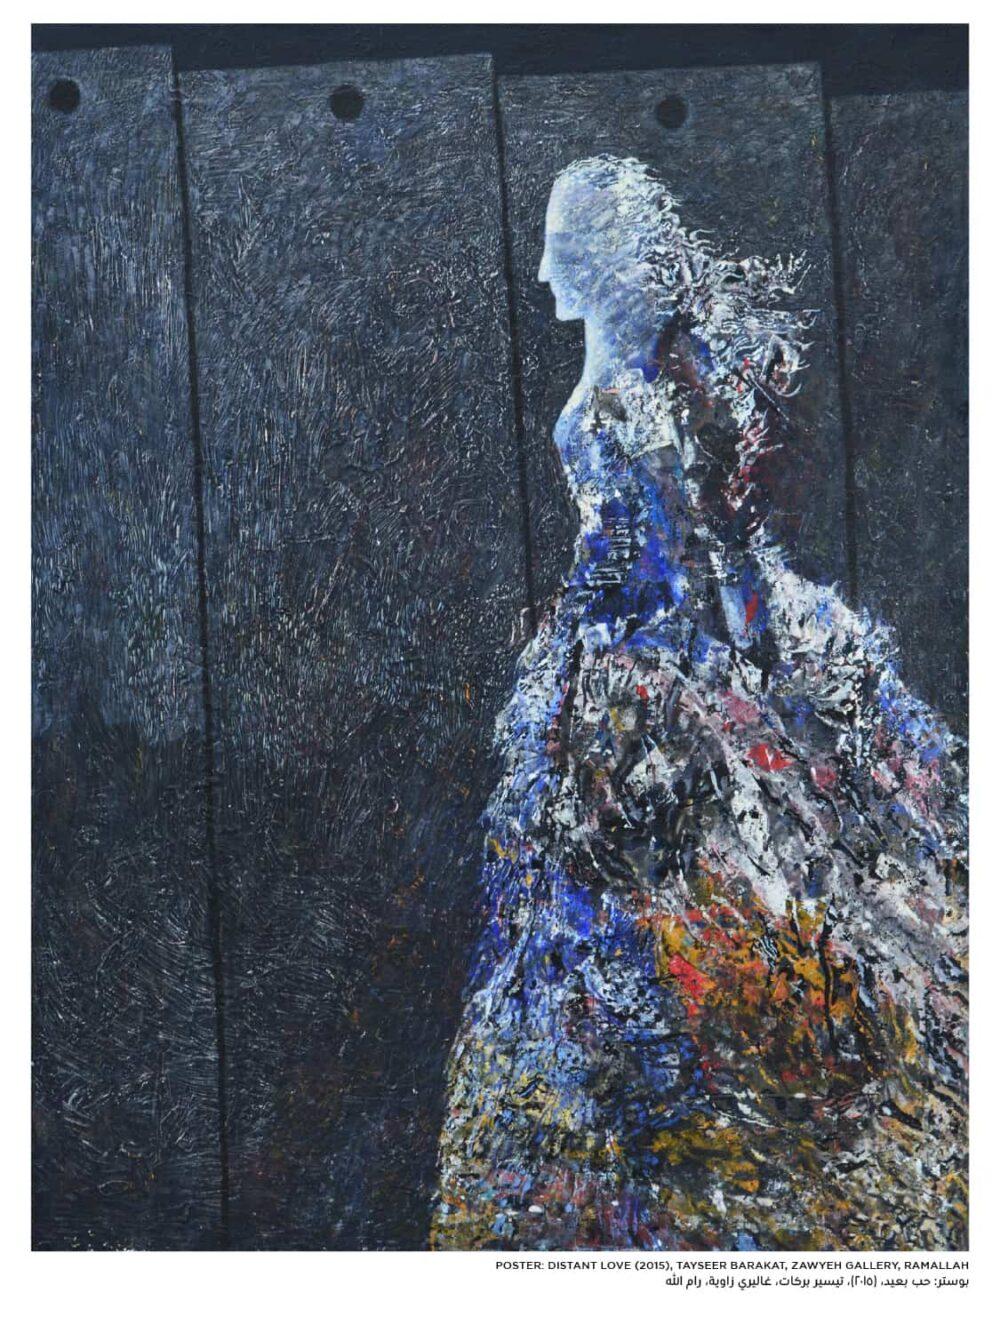 Distant Love by Tayseer Barakat